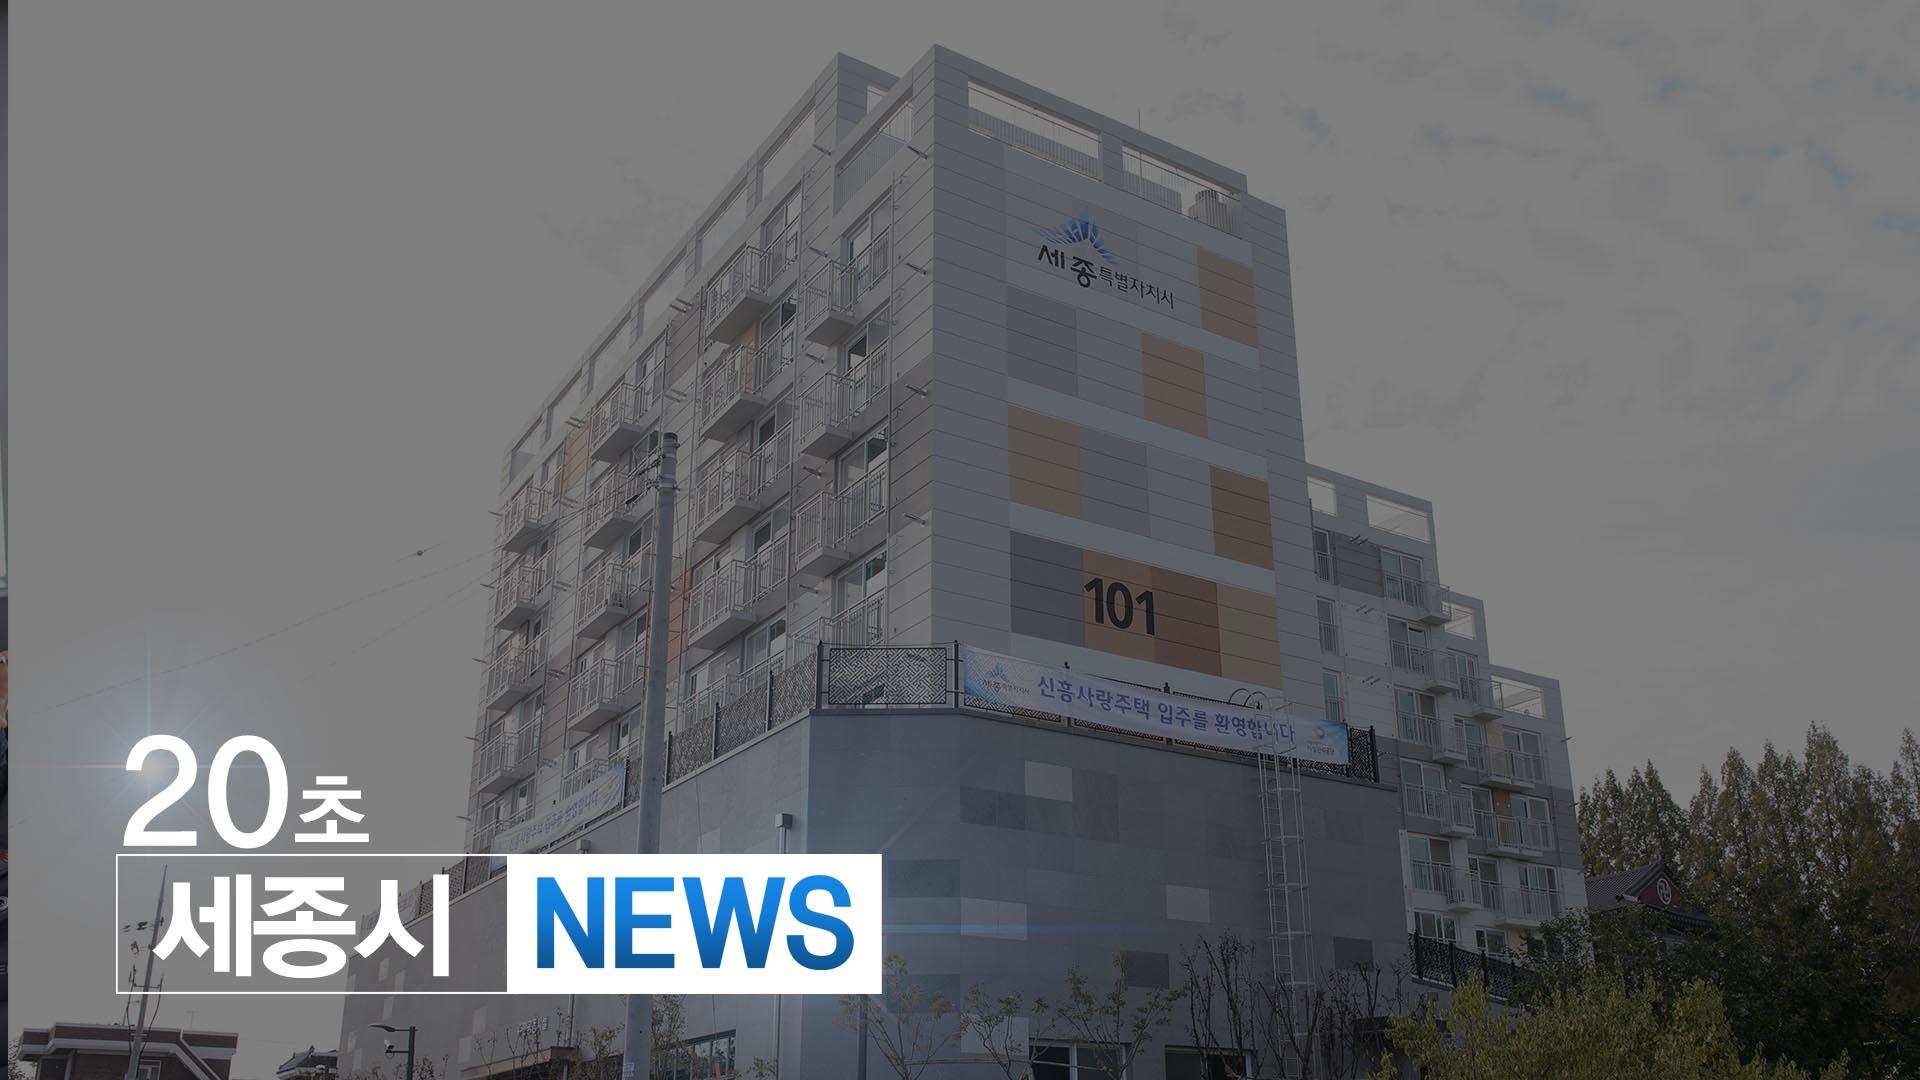 <20초뉴스> 신흥사랑주택 준공, 27일 입주식